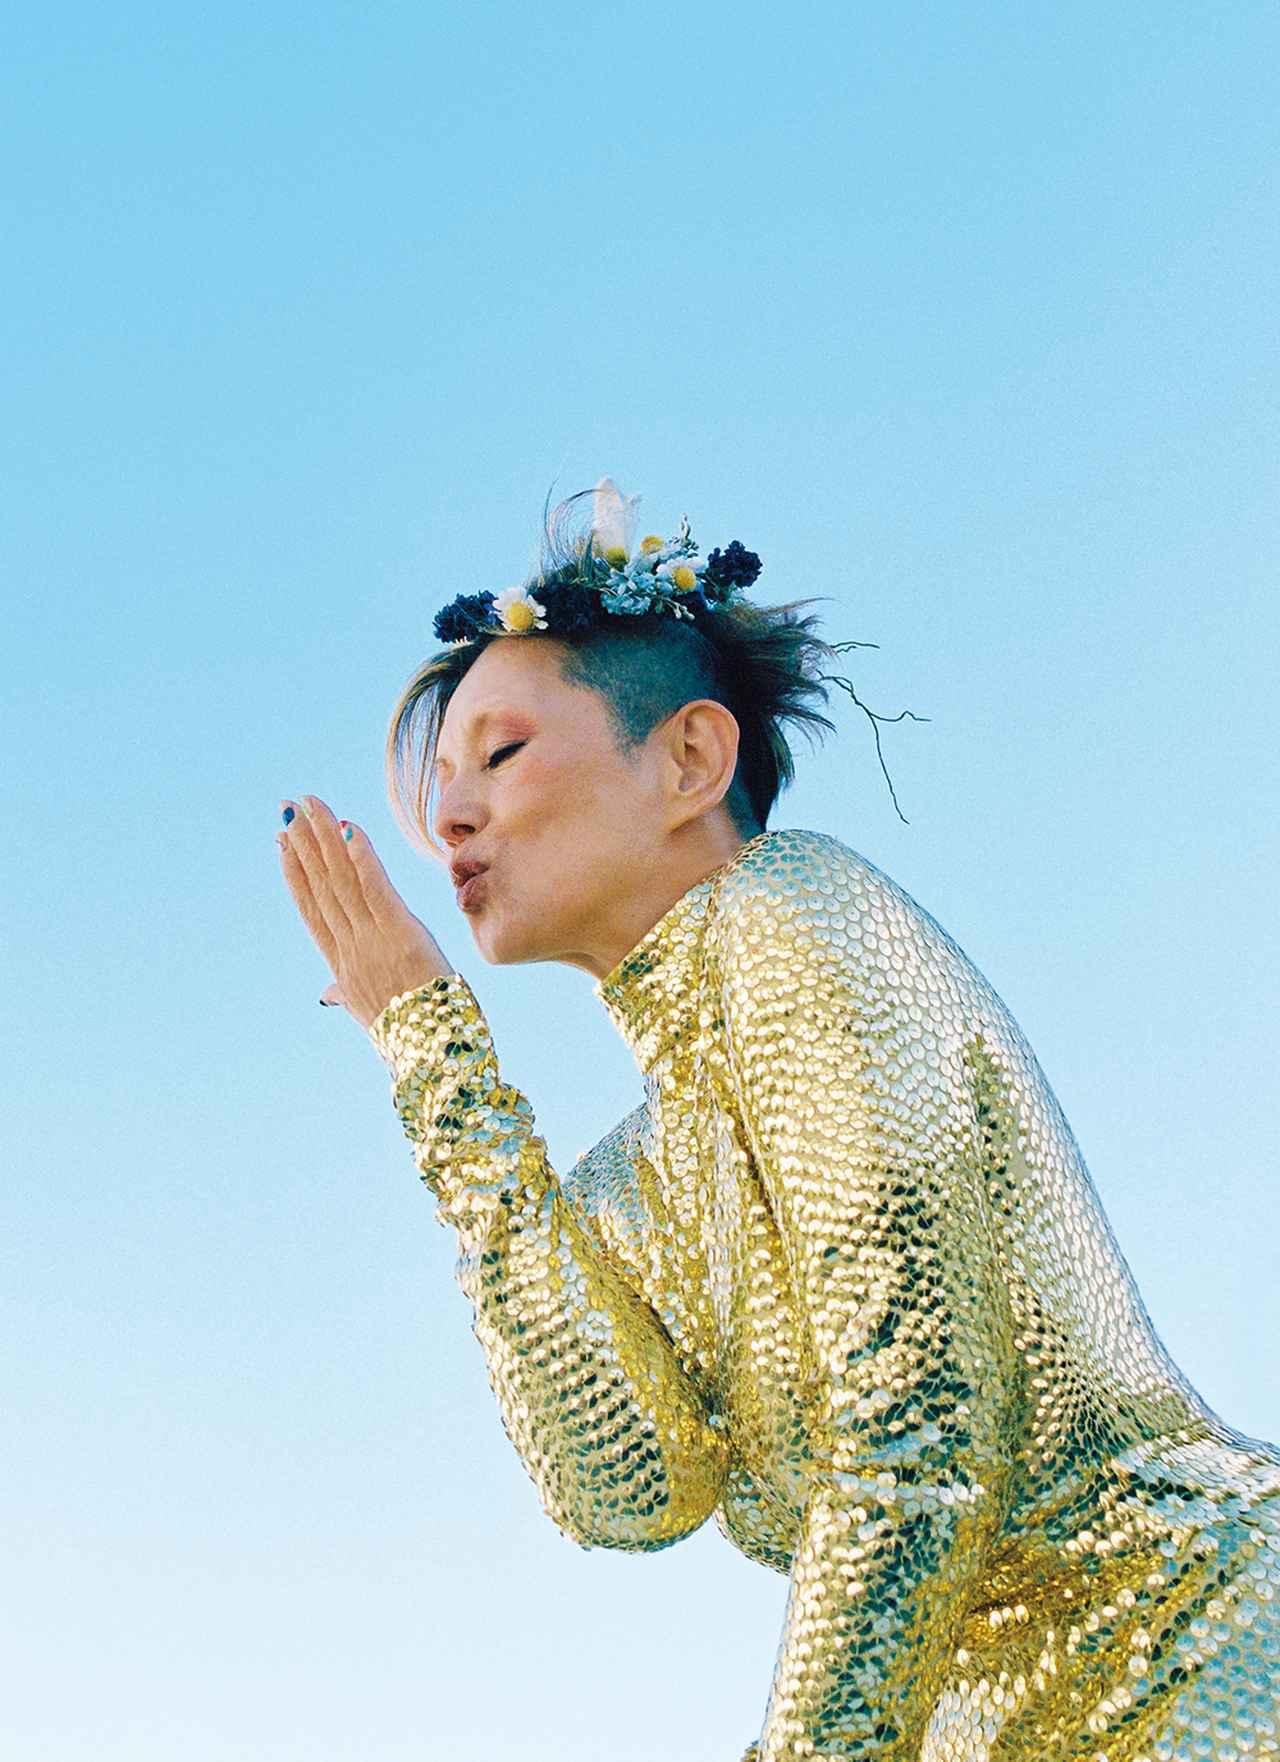 画像: 人生のステージの中央に自らの力で堂々と立つ。そんな女性だけに似合う総スパンコールのドレス。 ロングドレス ¥1,216,000(参考価格)/マーク ジェイコブス マーク ジェイコブス カスタマーセンター TEL. 03(4335)1711 花冠 ¥23,000/アトリエ染花 プランシュ TEL. 03(3499)6820